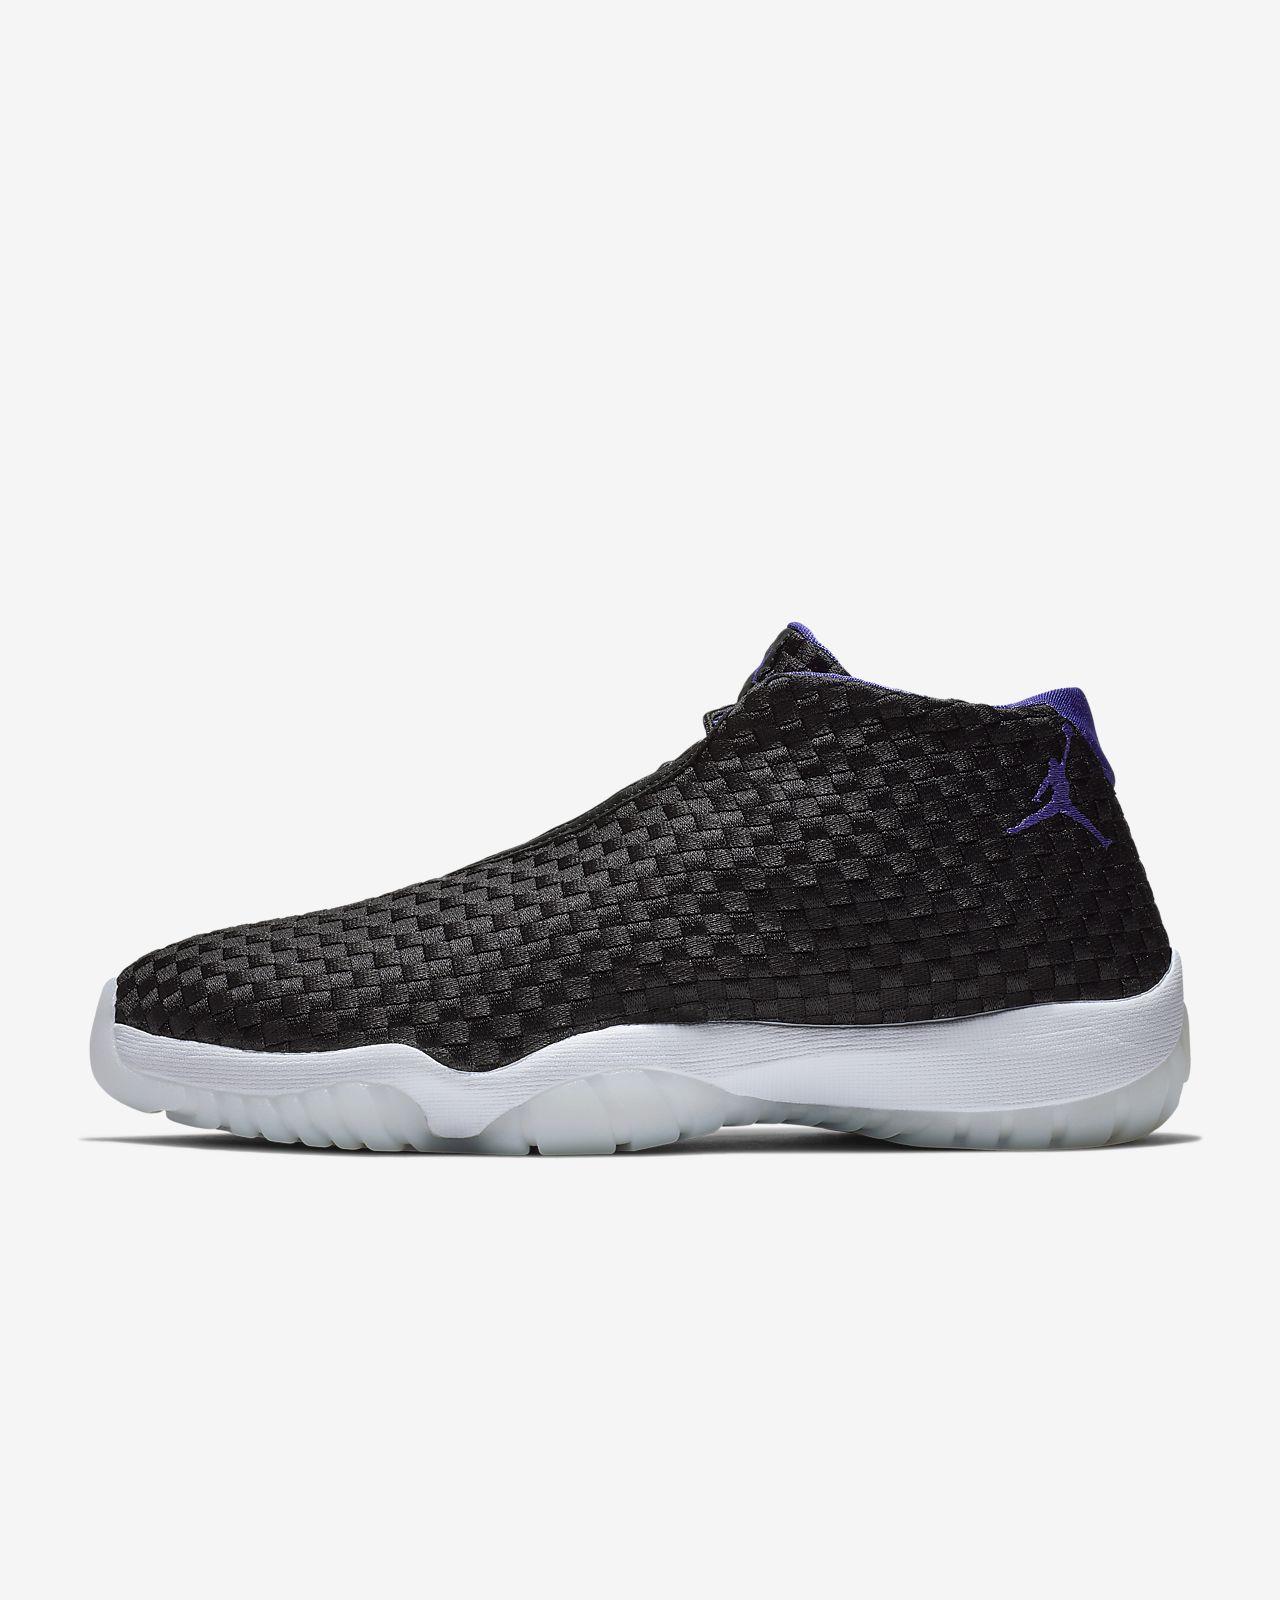 Sko Air Jordan Future för män